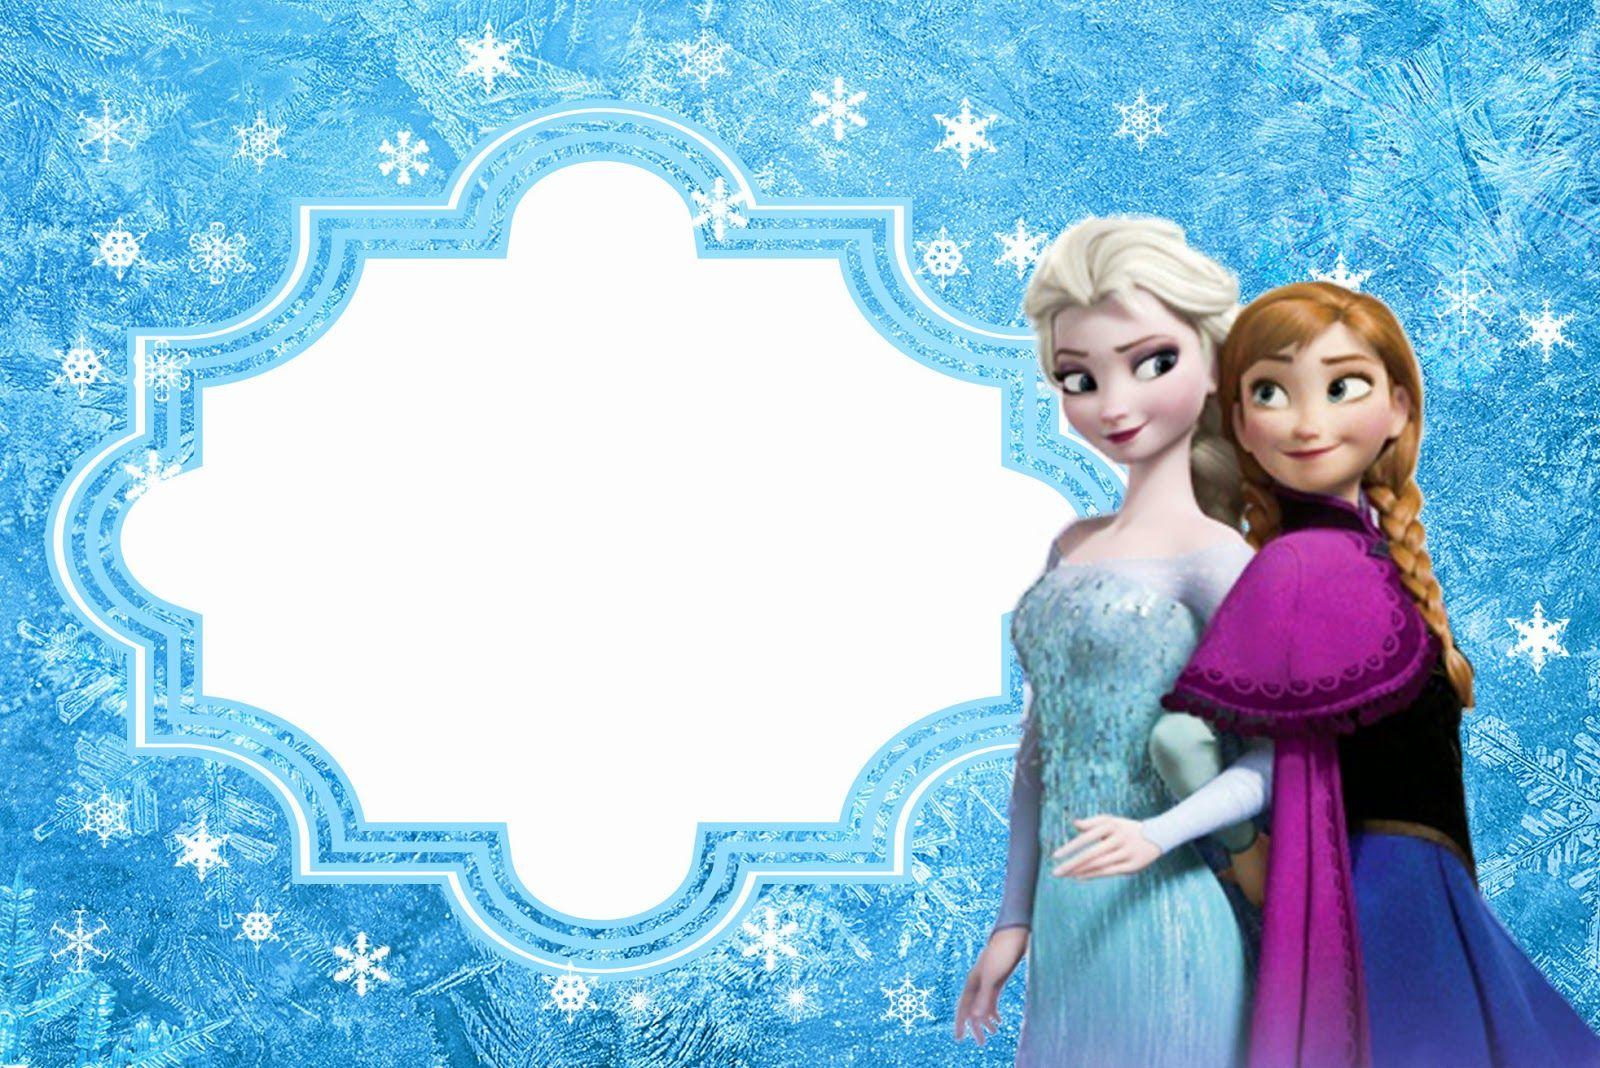 Frozen-018.jpg 1600×1068 pikseliä